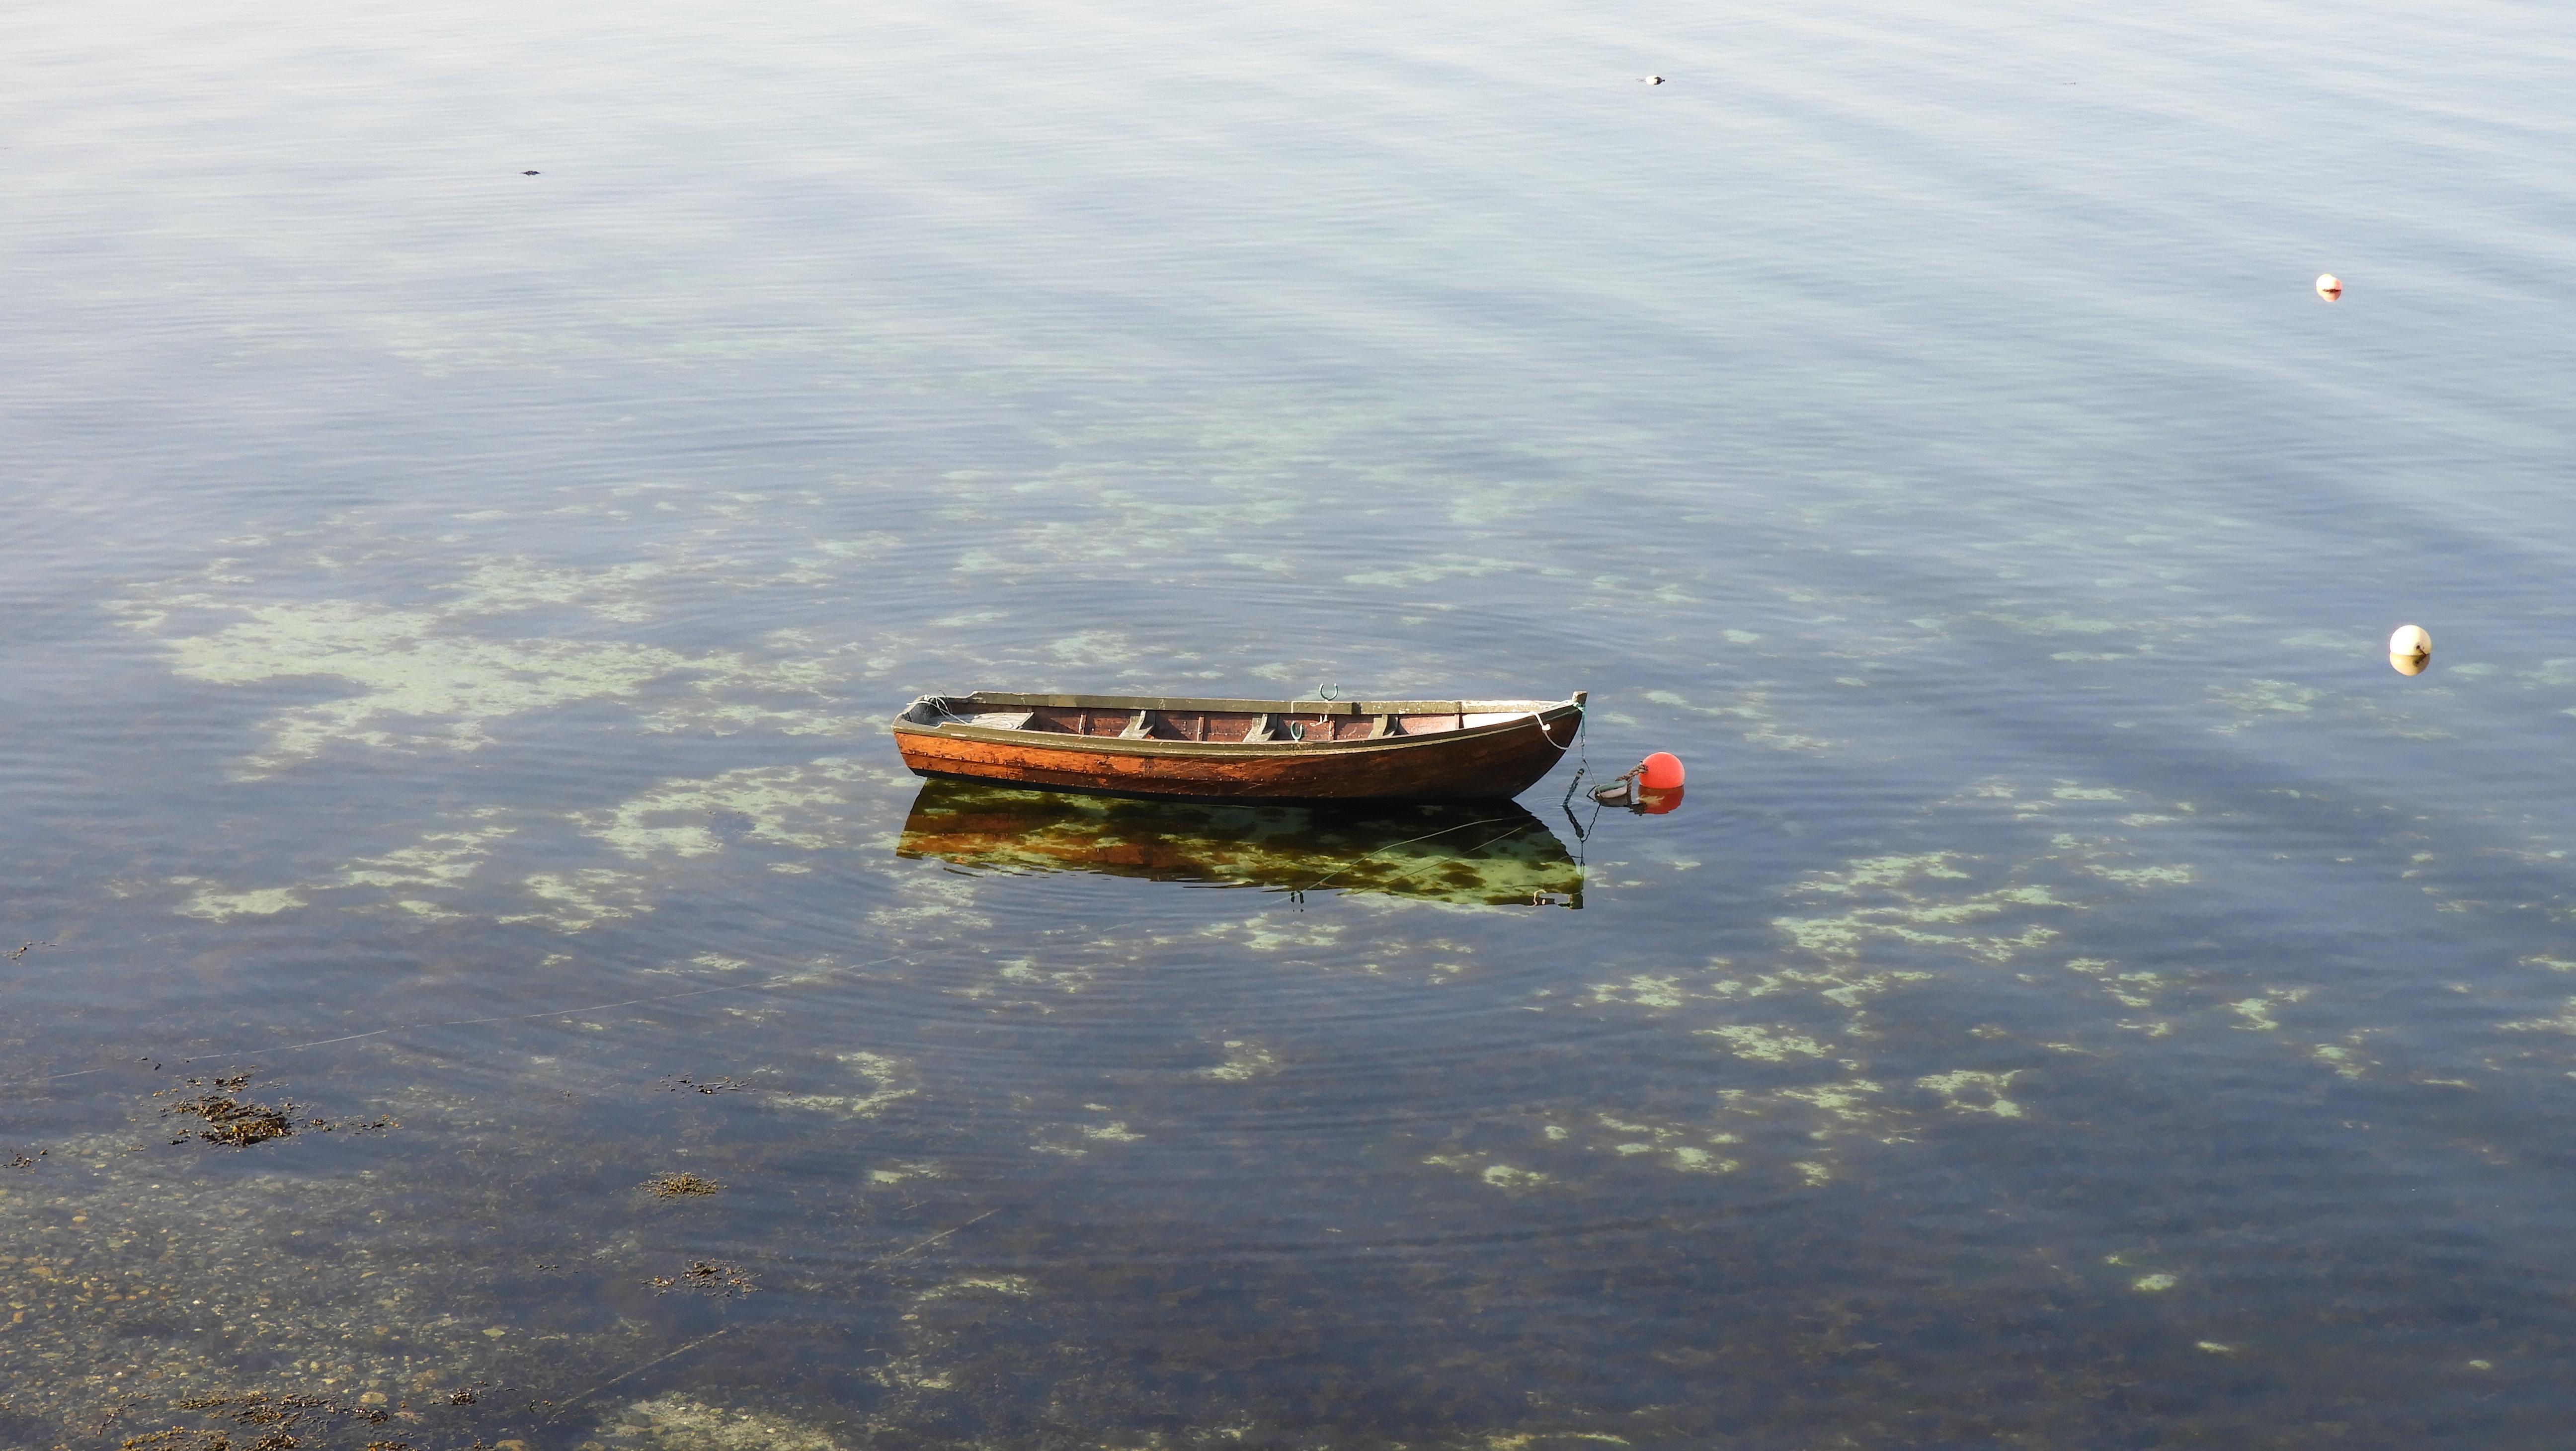 Foto: Bjørn Roald Storrø